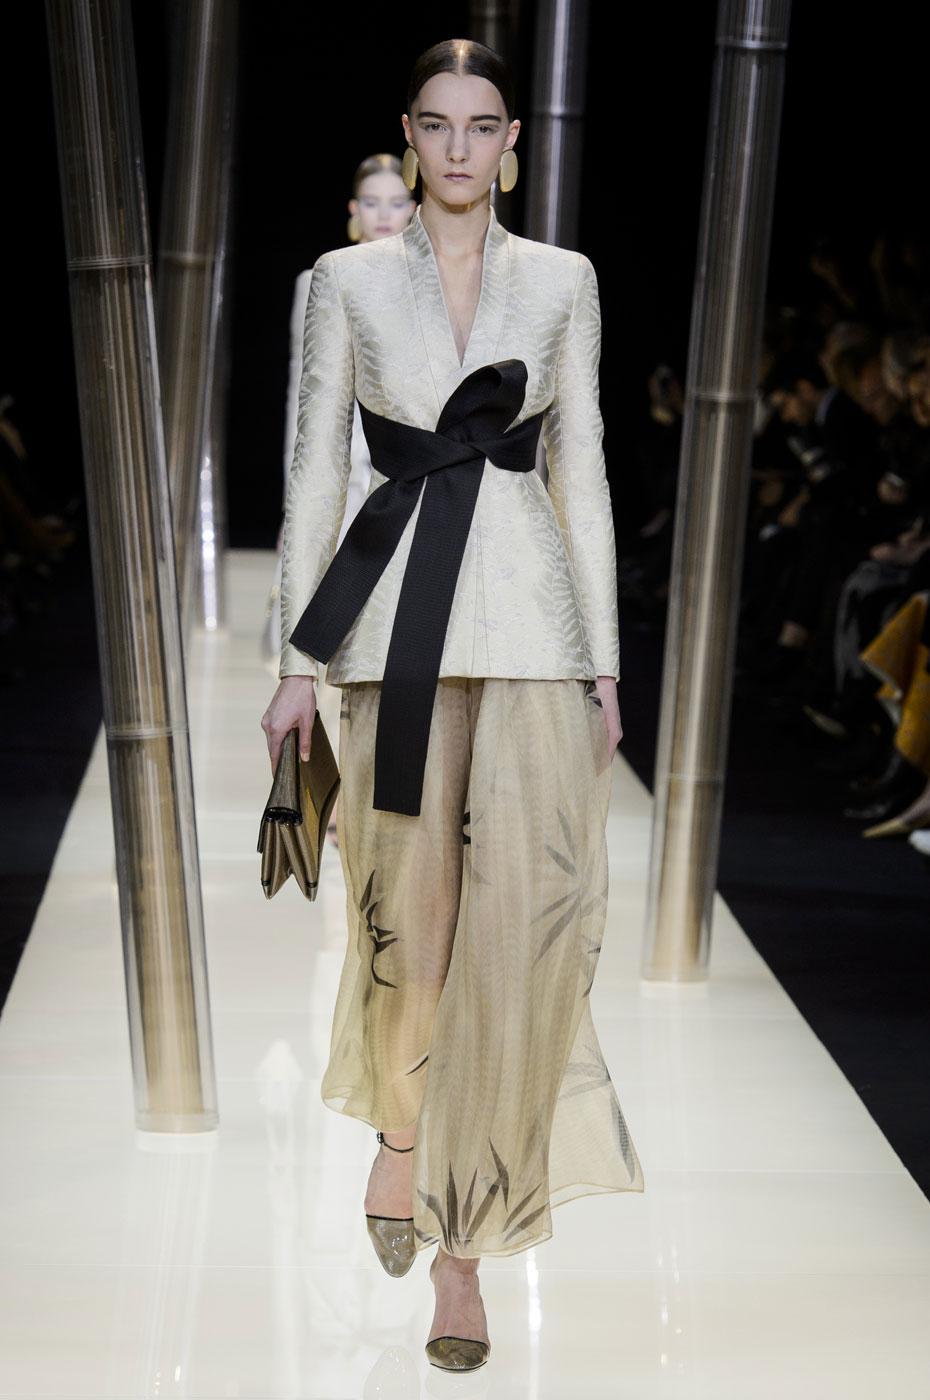 Giorgio-armani-Prive-fashion-runway-show-haute-couture-paris-spring-2015-the-impression-017